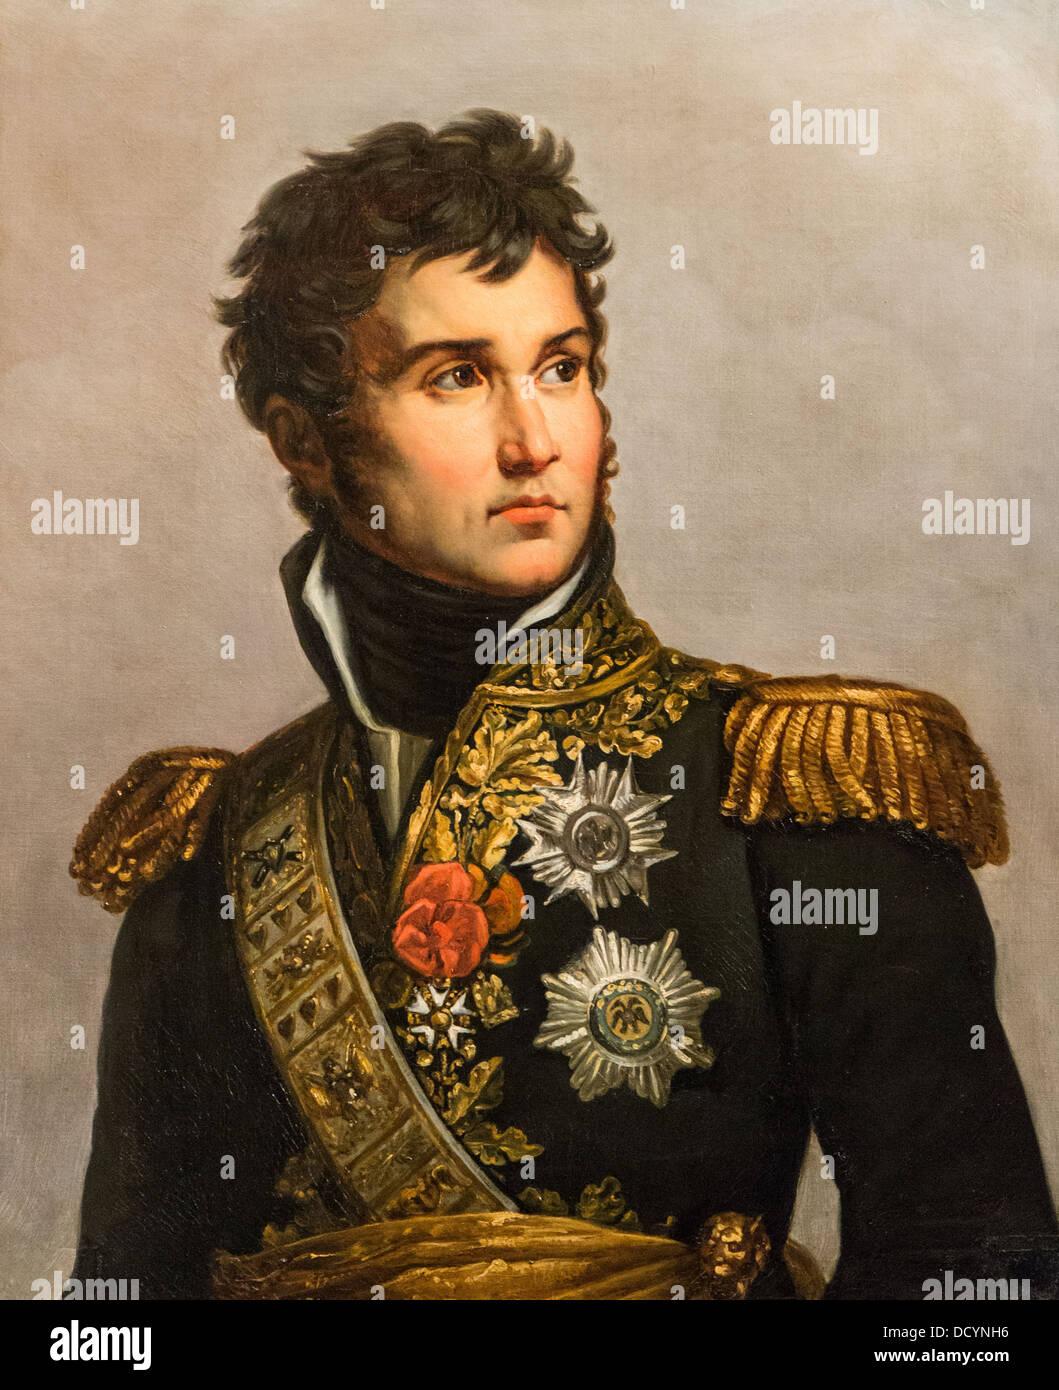 19th century - Jean Lannes, Marshal of the Empire - by Julie Volpelière  - Musée de l'Armée  - Stock Image